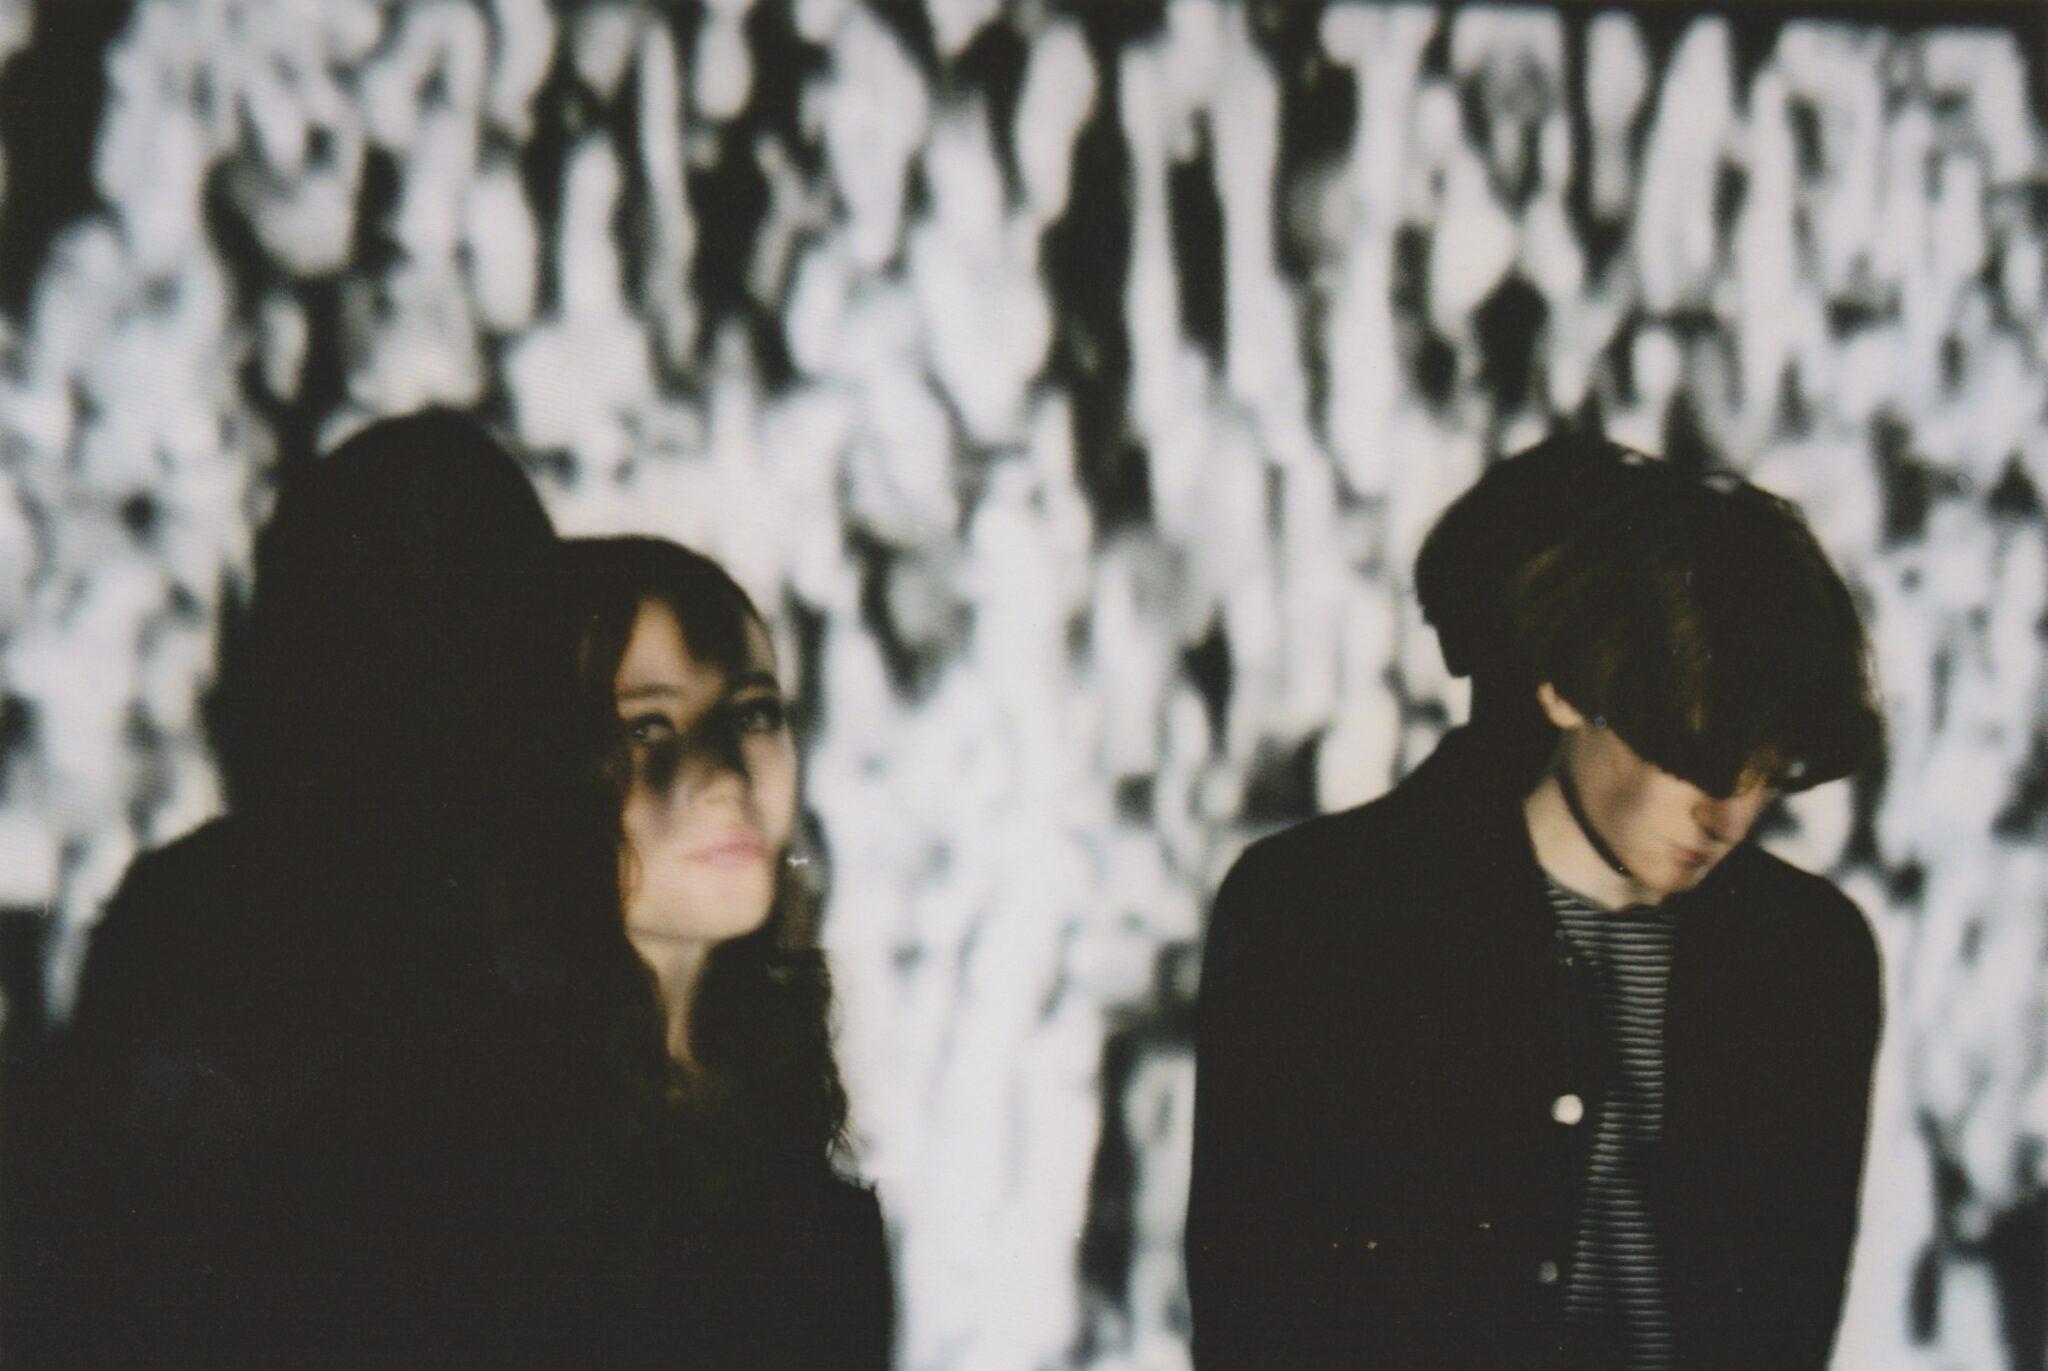 White Flowers band image Underground music blog